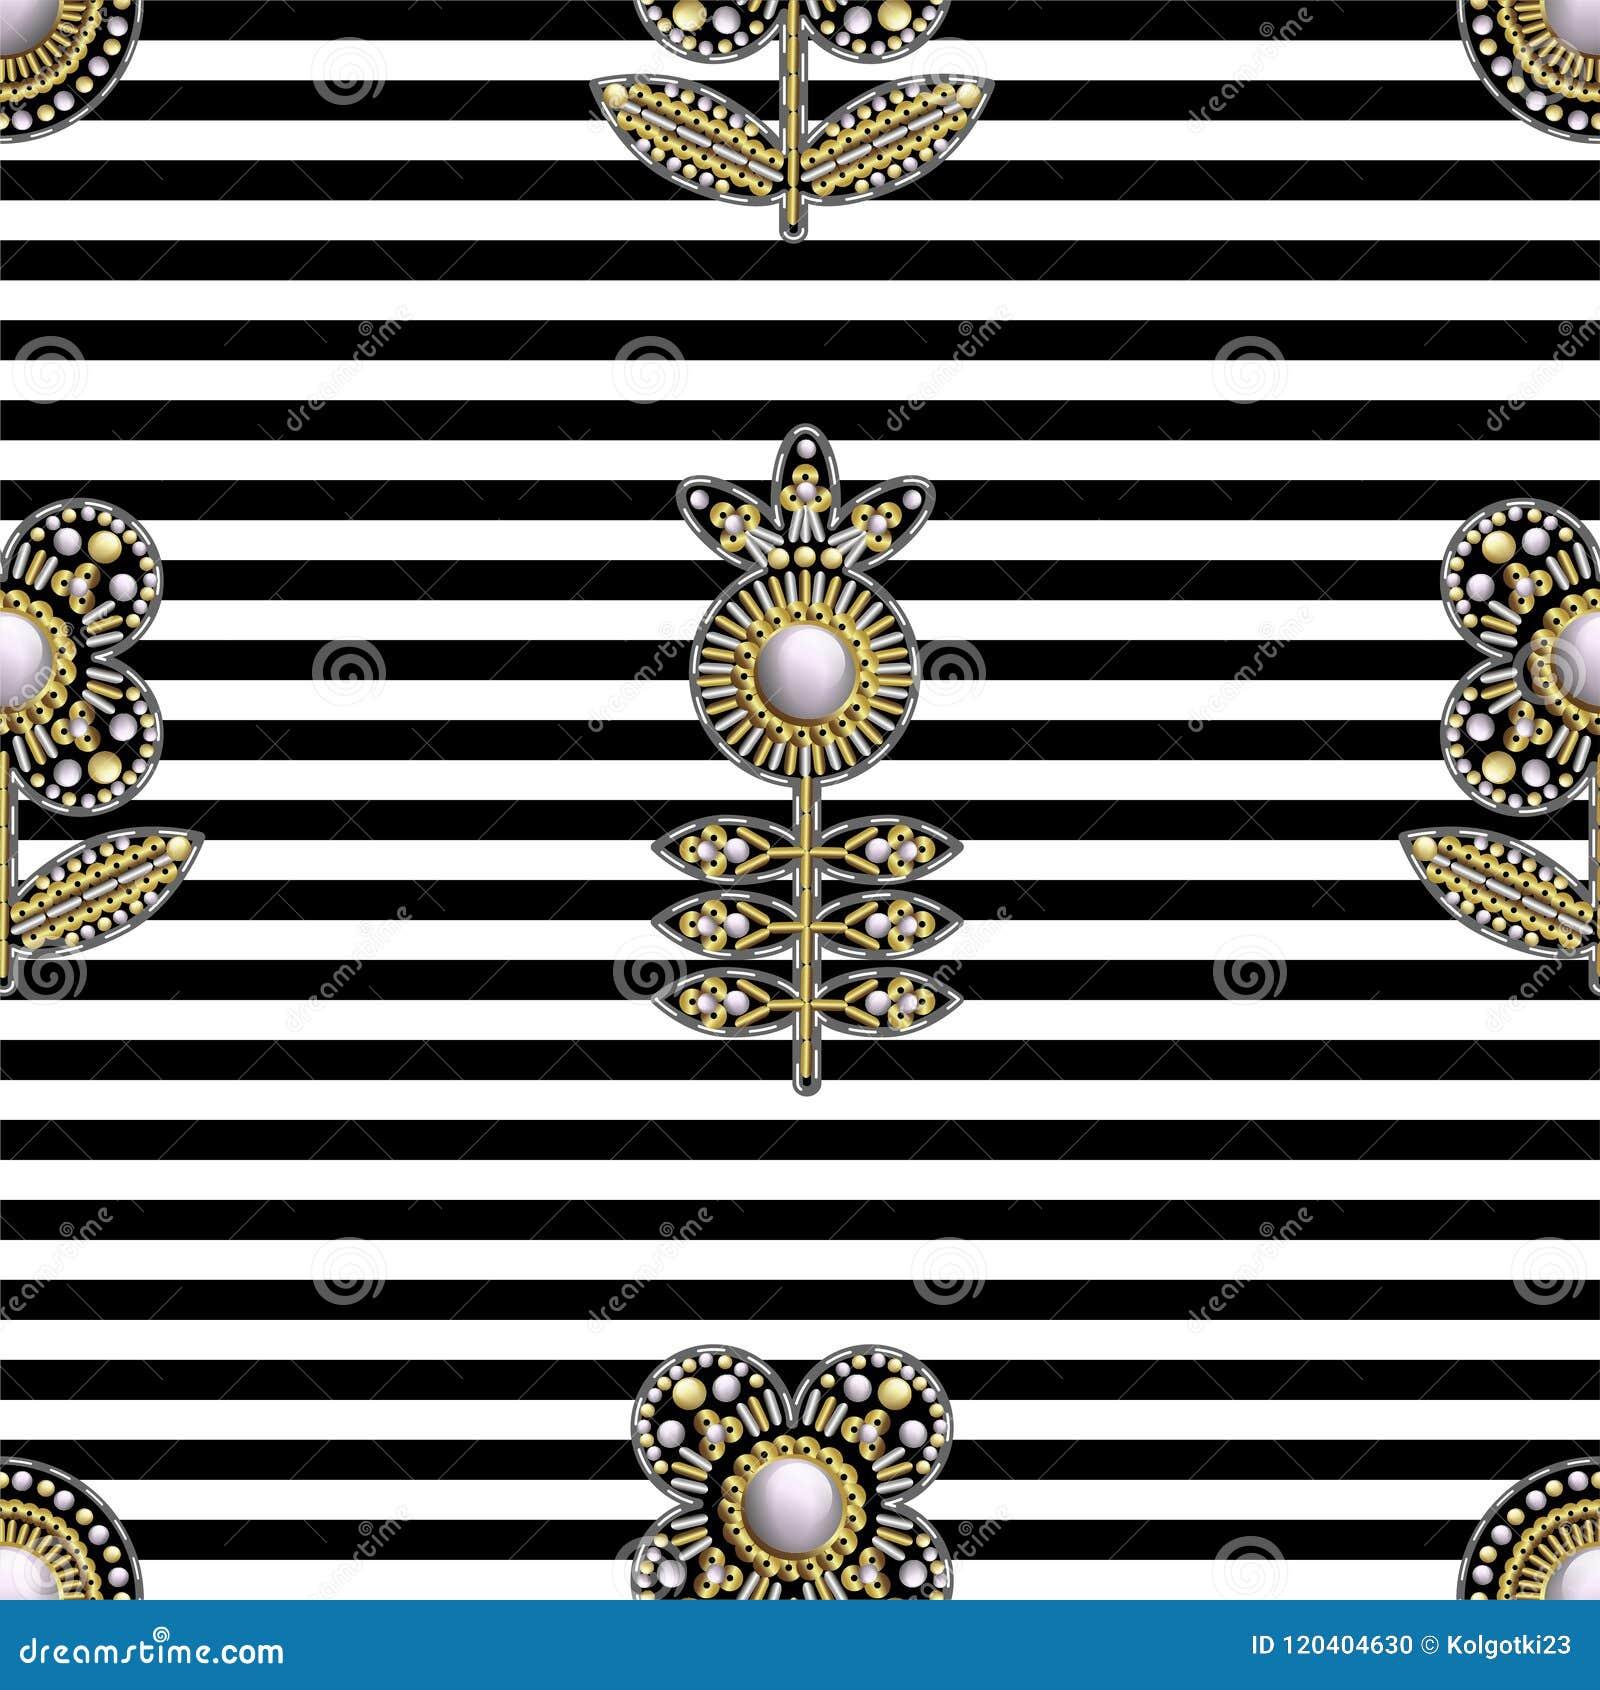 Naadloos patroon van textiel geborduurde flarden met lovertjes, parels en parels Vector illustratie